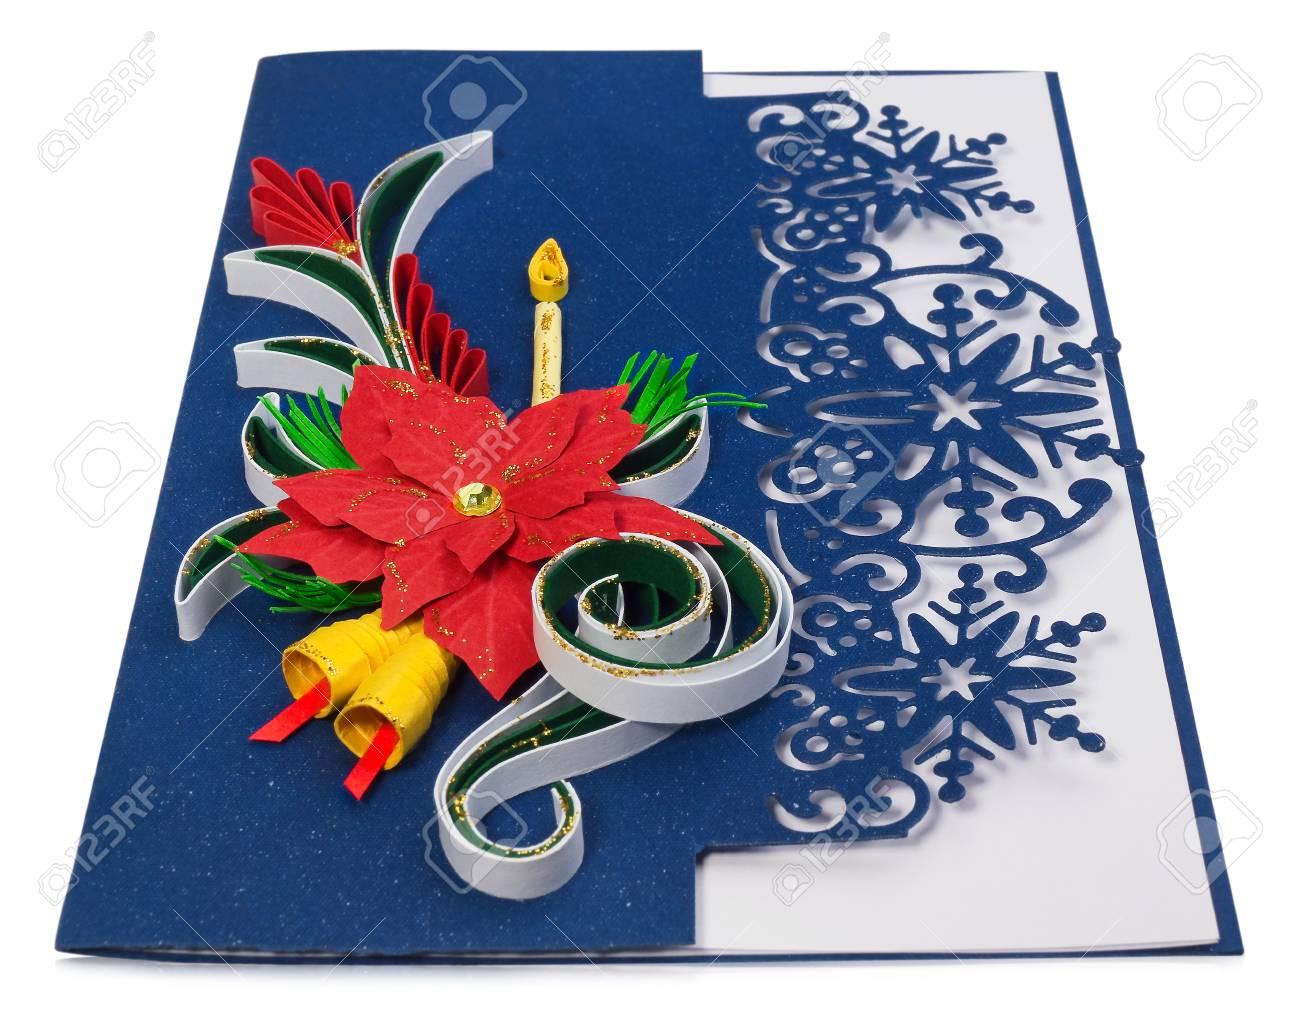 Handmade Christmas Card Images.Handmade Christmas Card Postcard With Merry Christmas Greetings